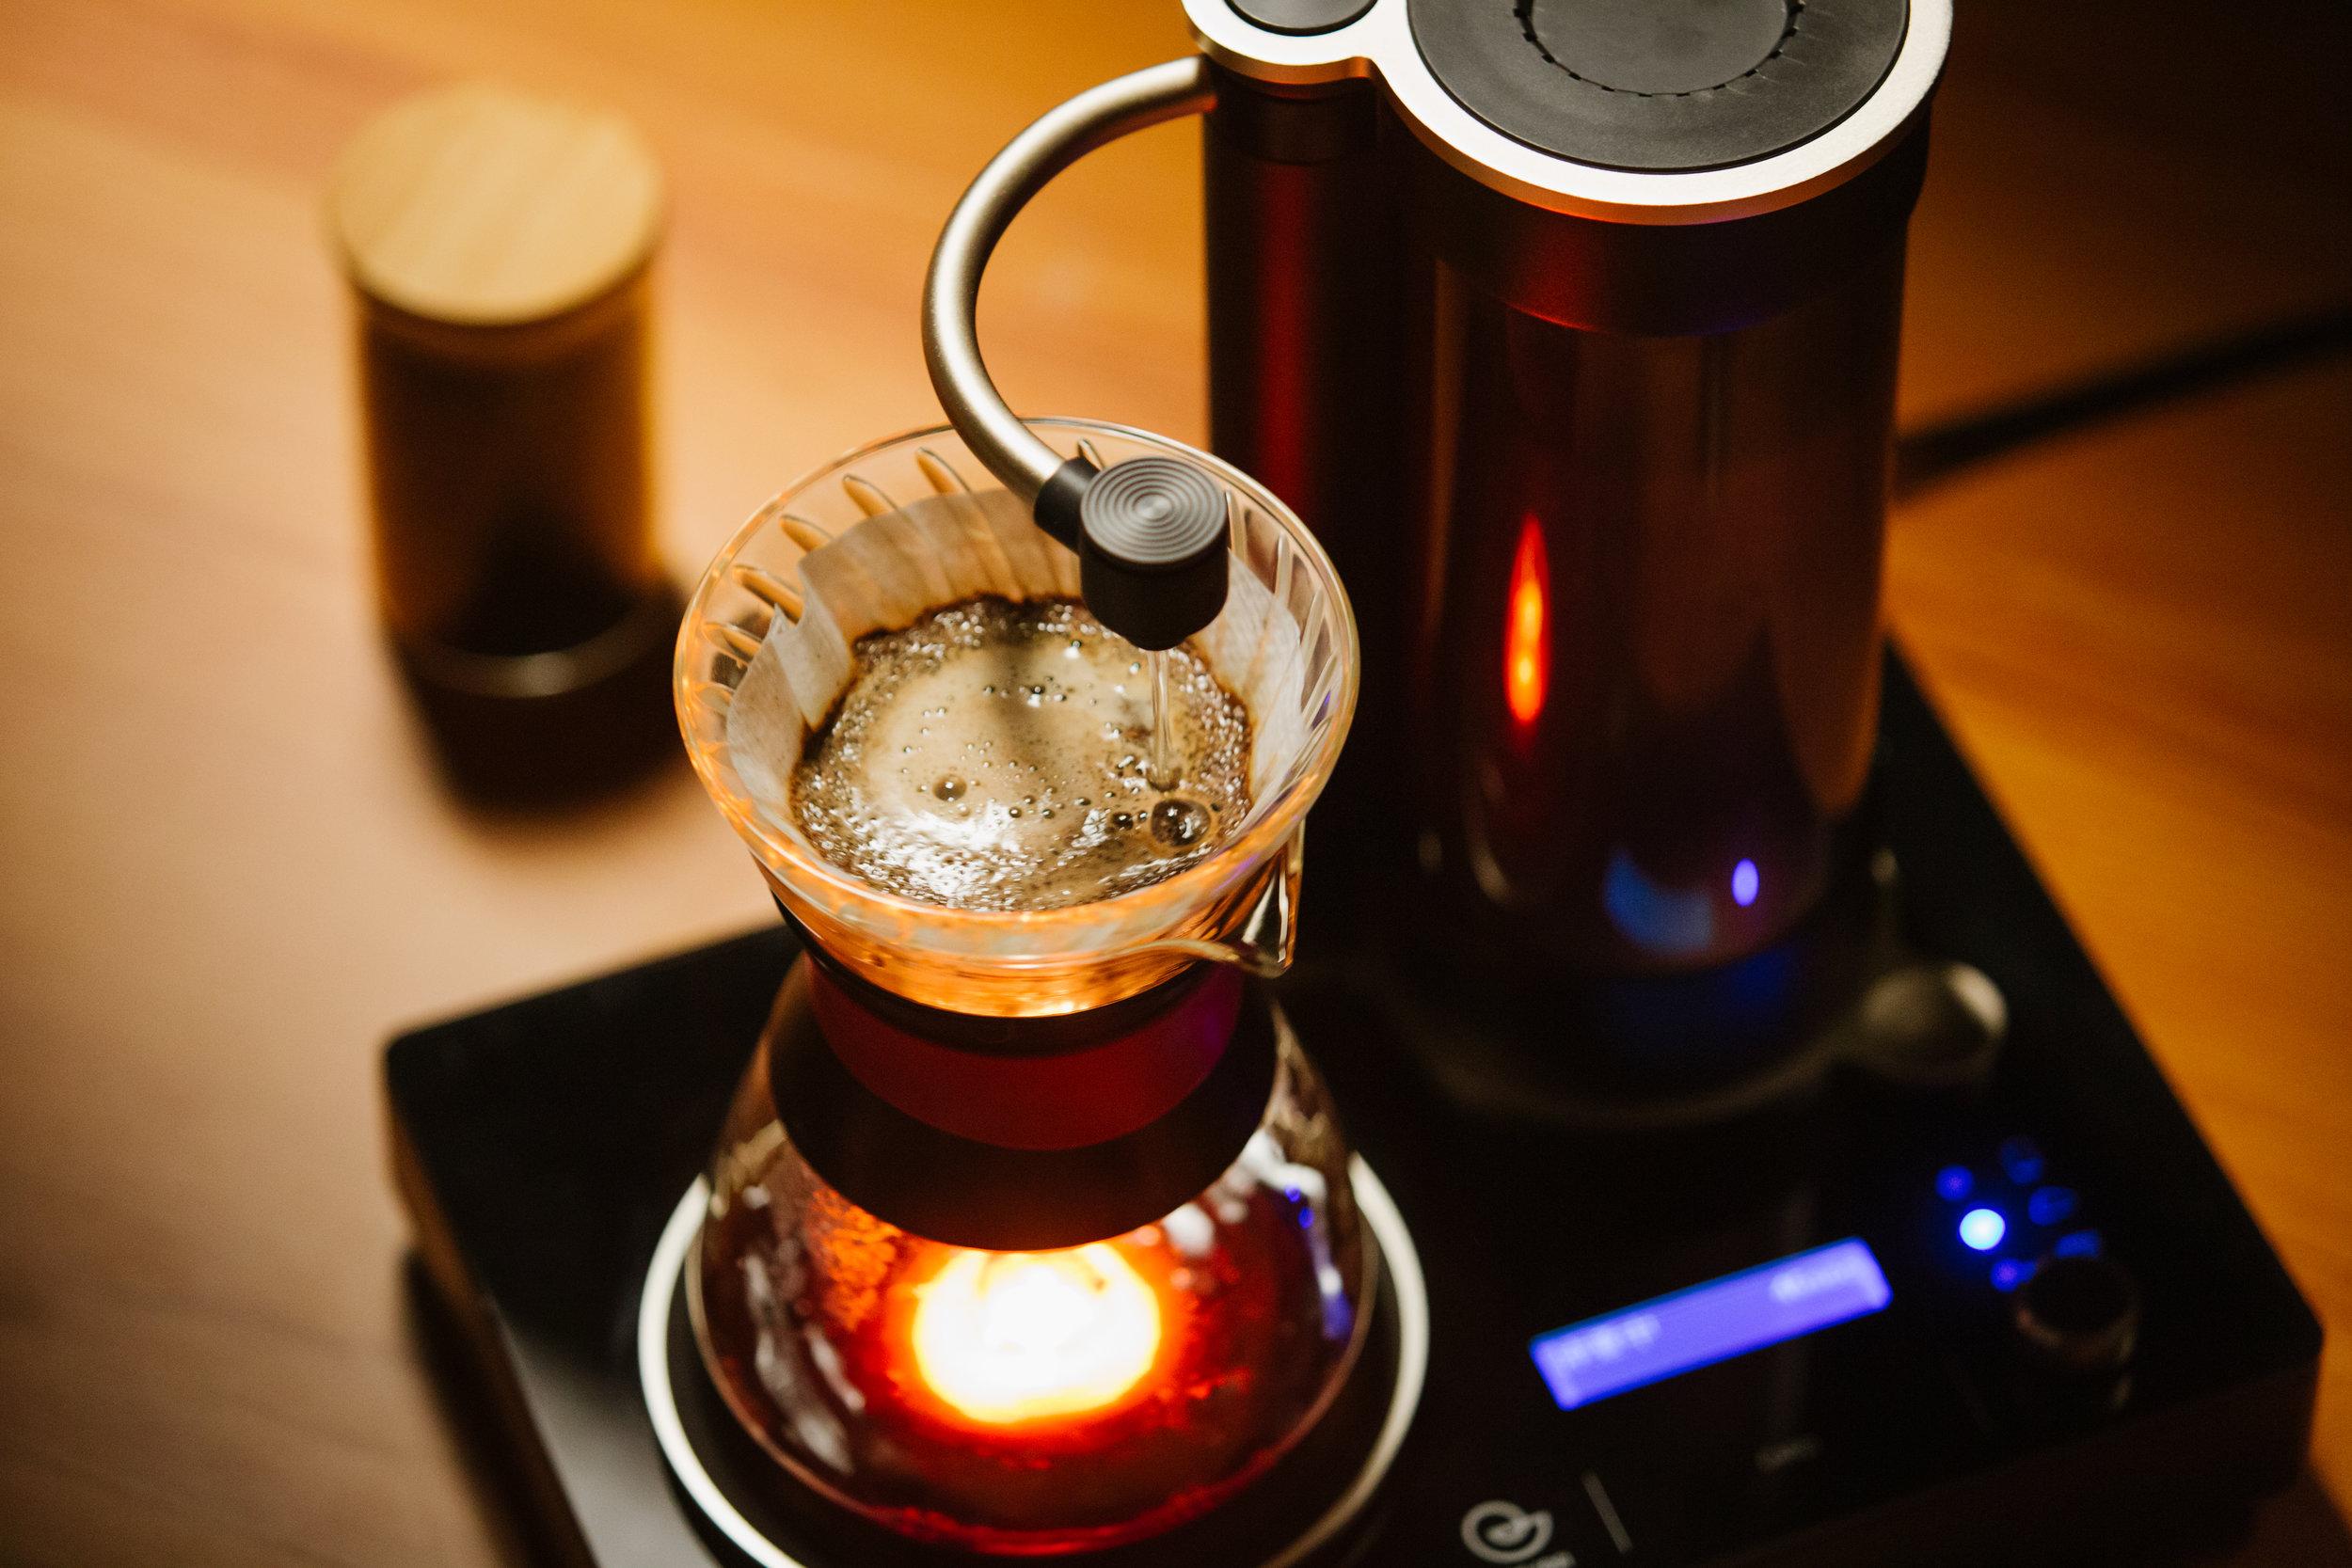 08_GEESAA black model brewing.jpg